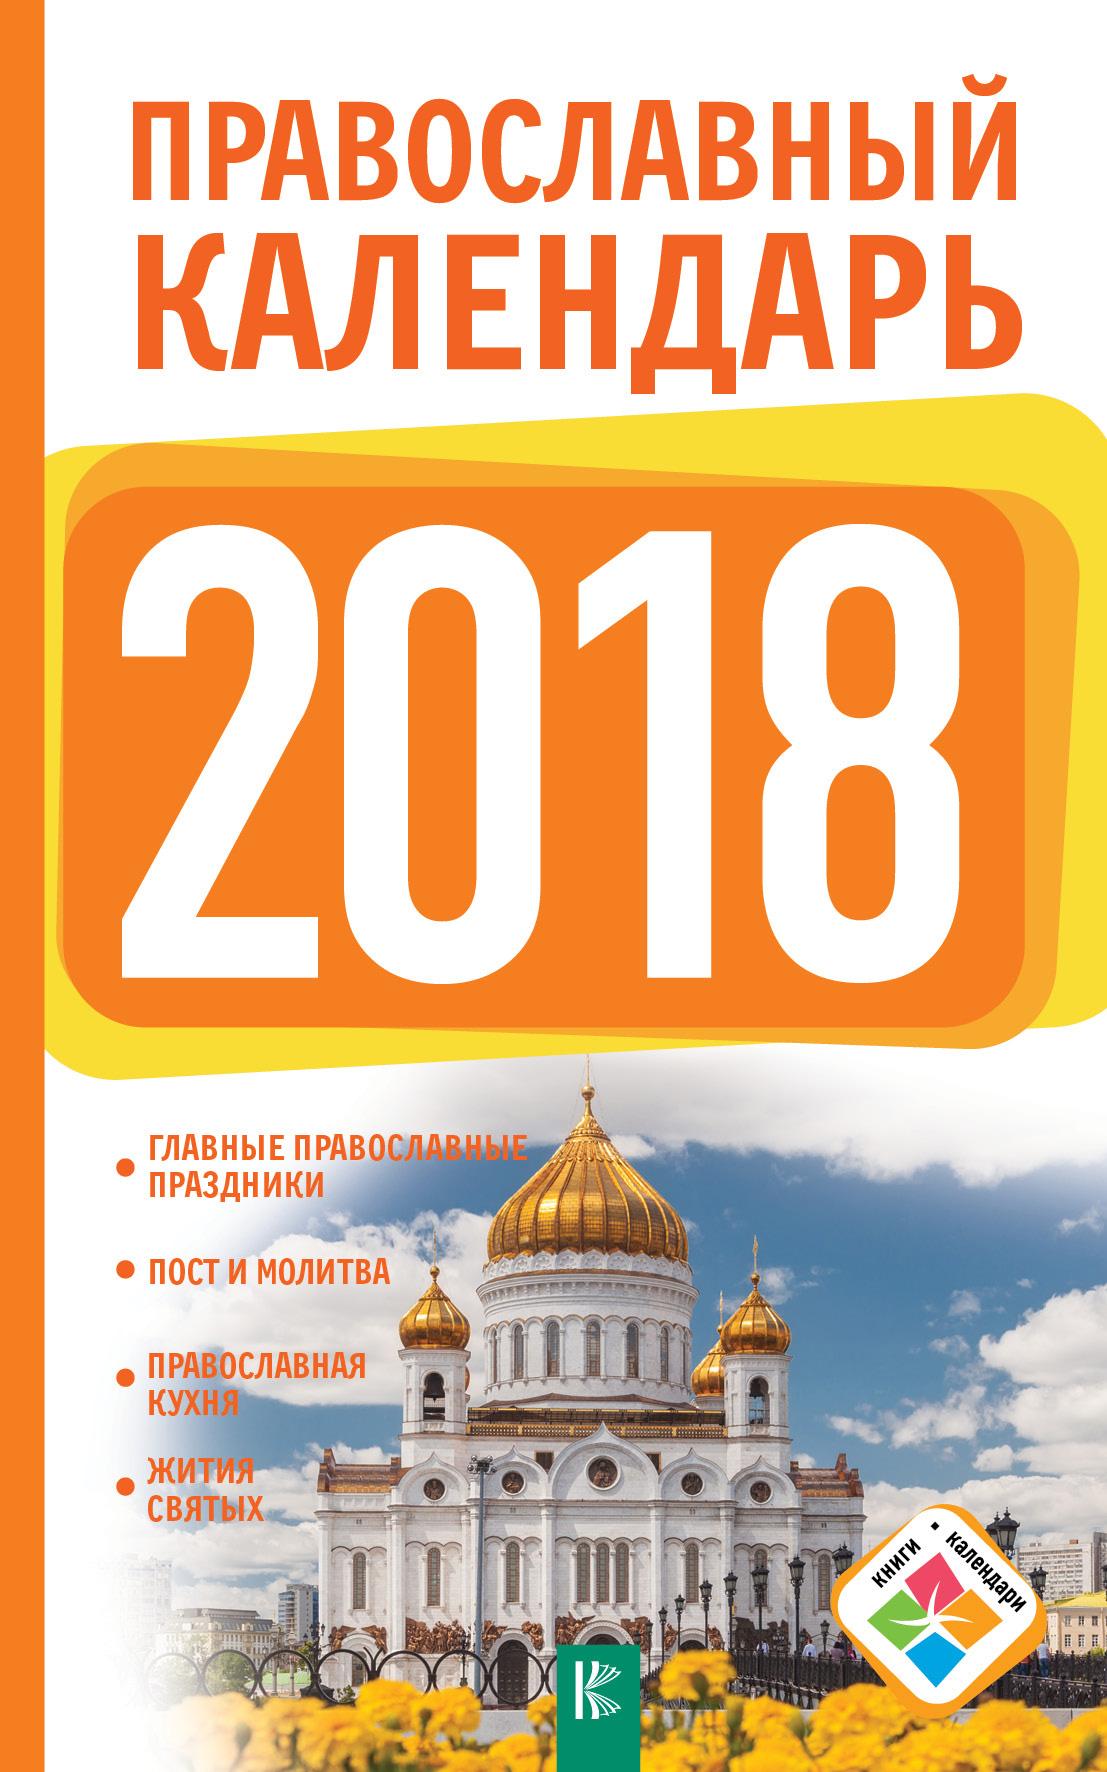 Диана Хорсанд-Мавроматис Православный календарь на 2018 год аука нарушаяритм книга на каждый день